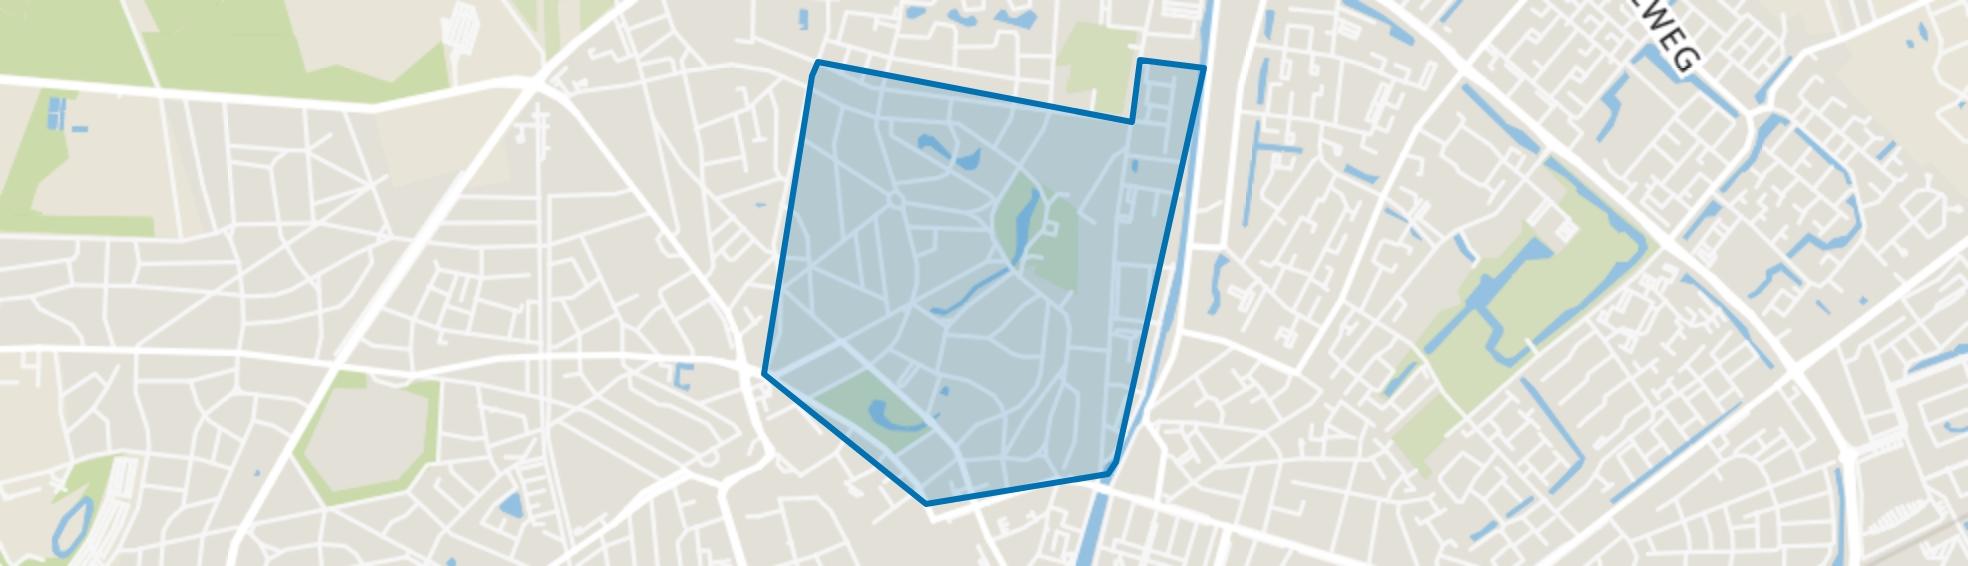 De Parken, Apeldoorn map